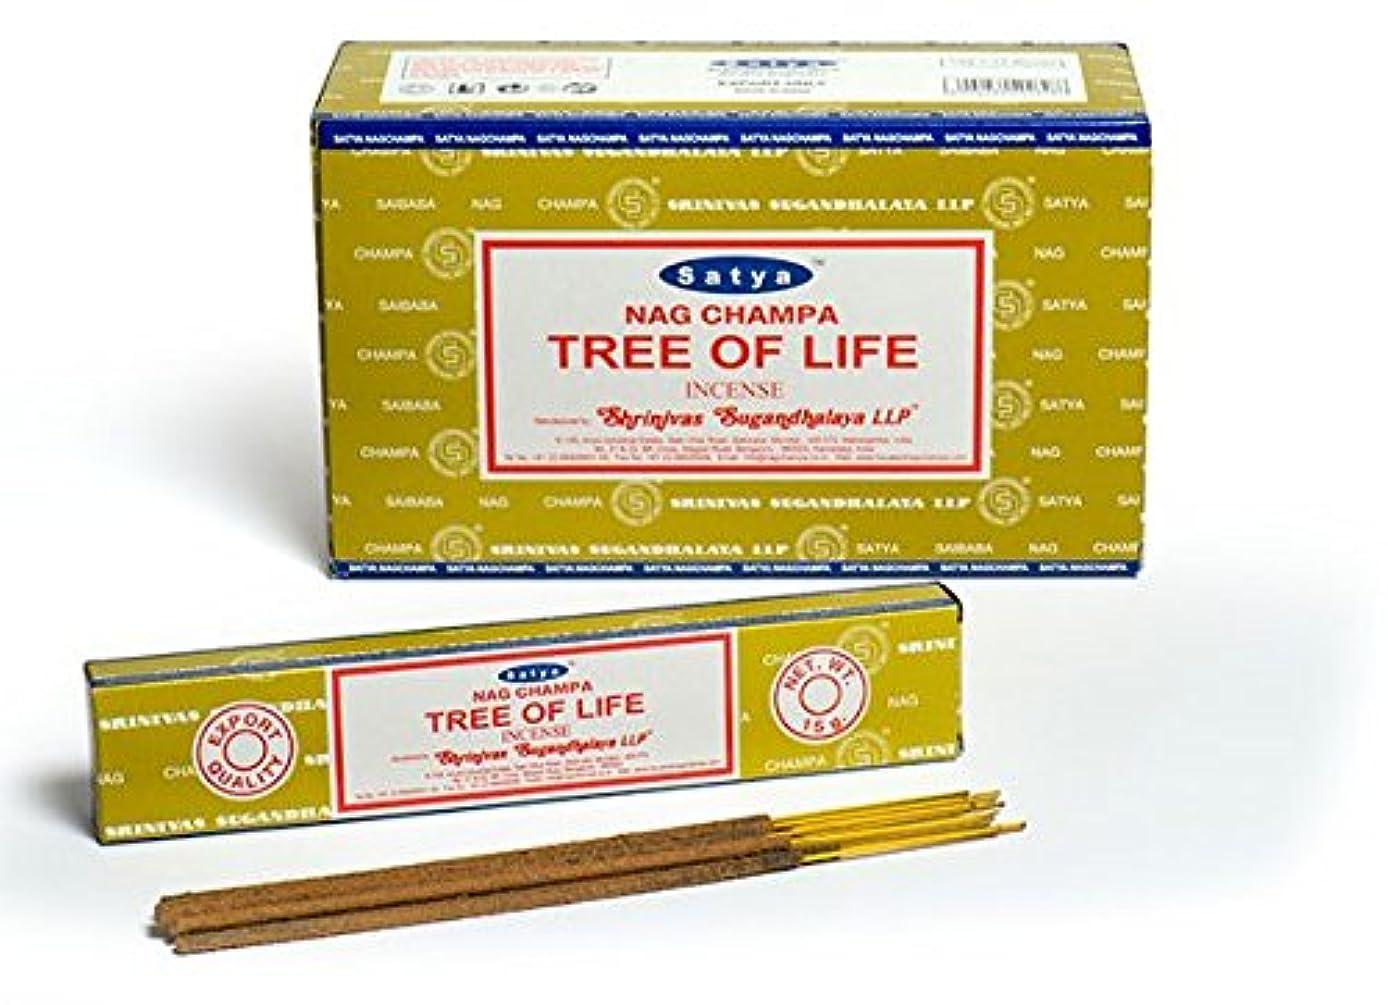 大臣もするだろうSatya Nag Champa 生命の樹 お香スティック Agarbatti 180グラムボックス | 12パック 15グラム/箱入り | 輸出品質